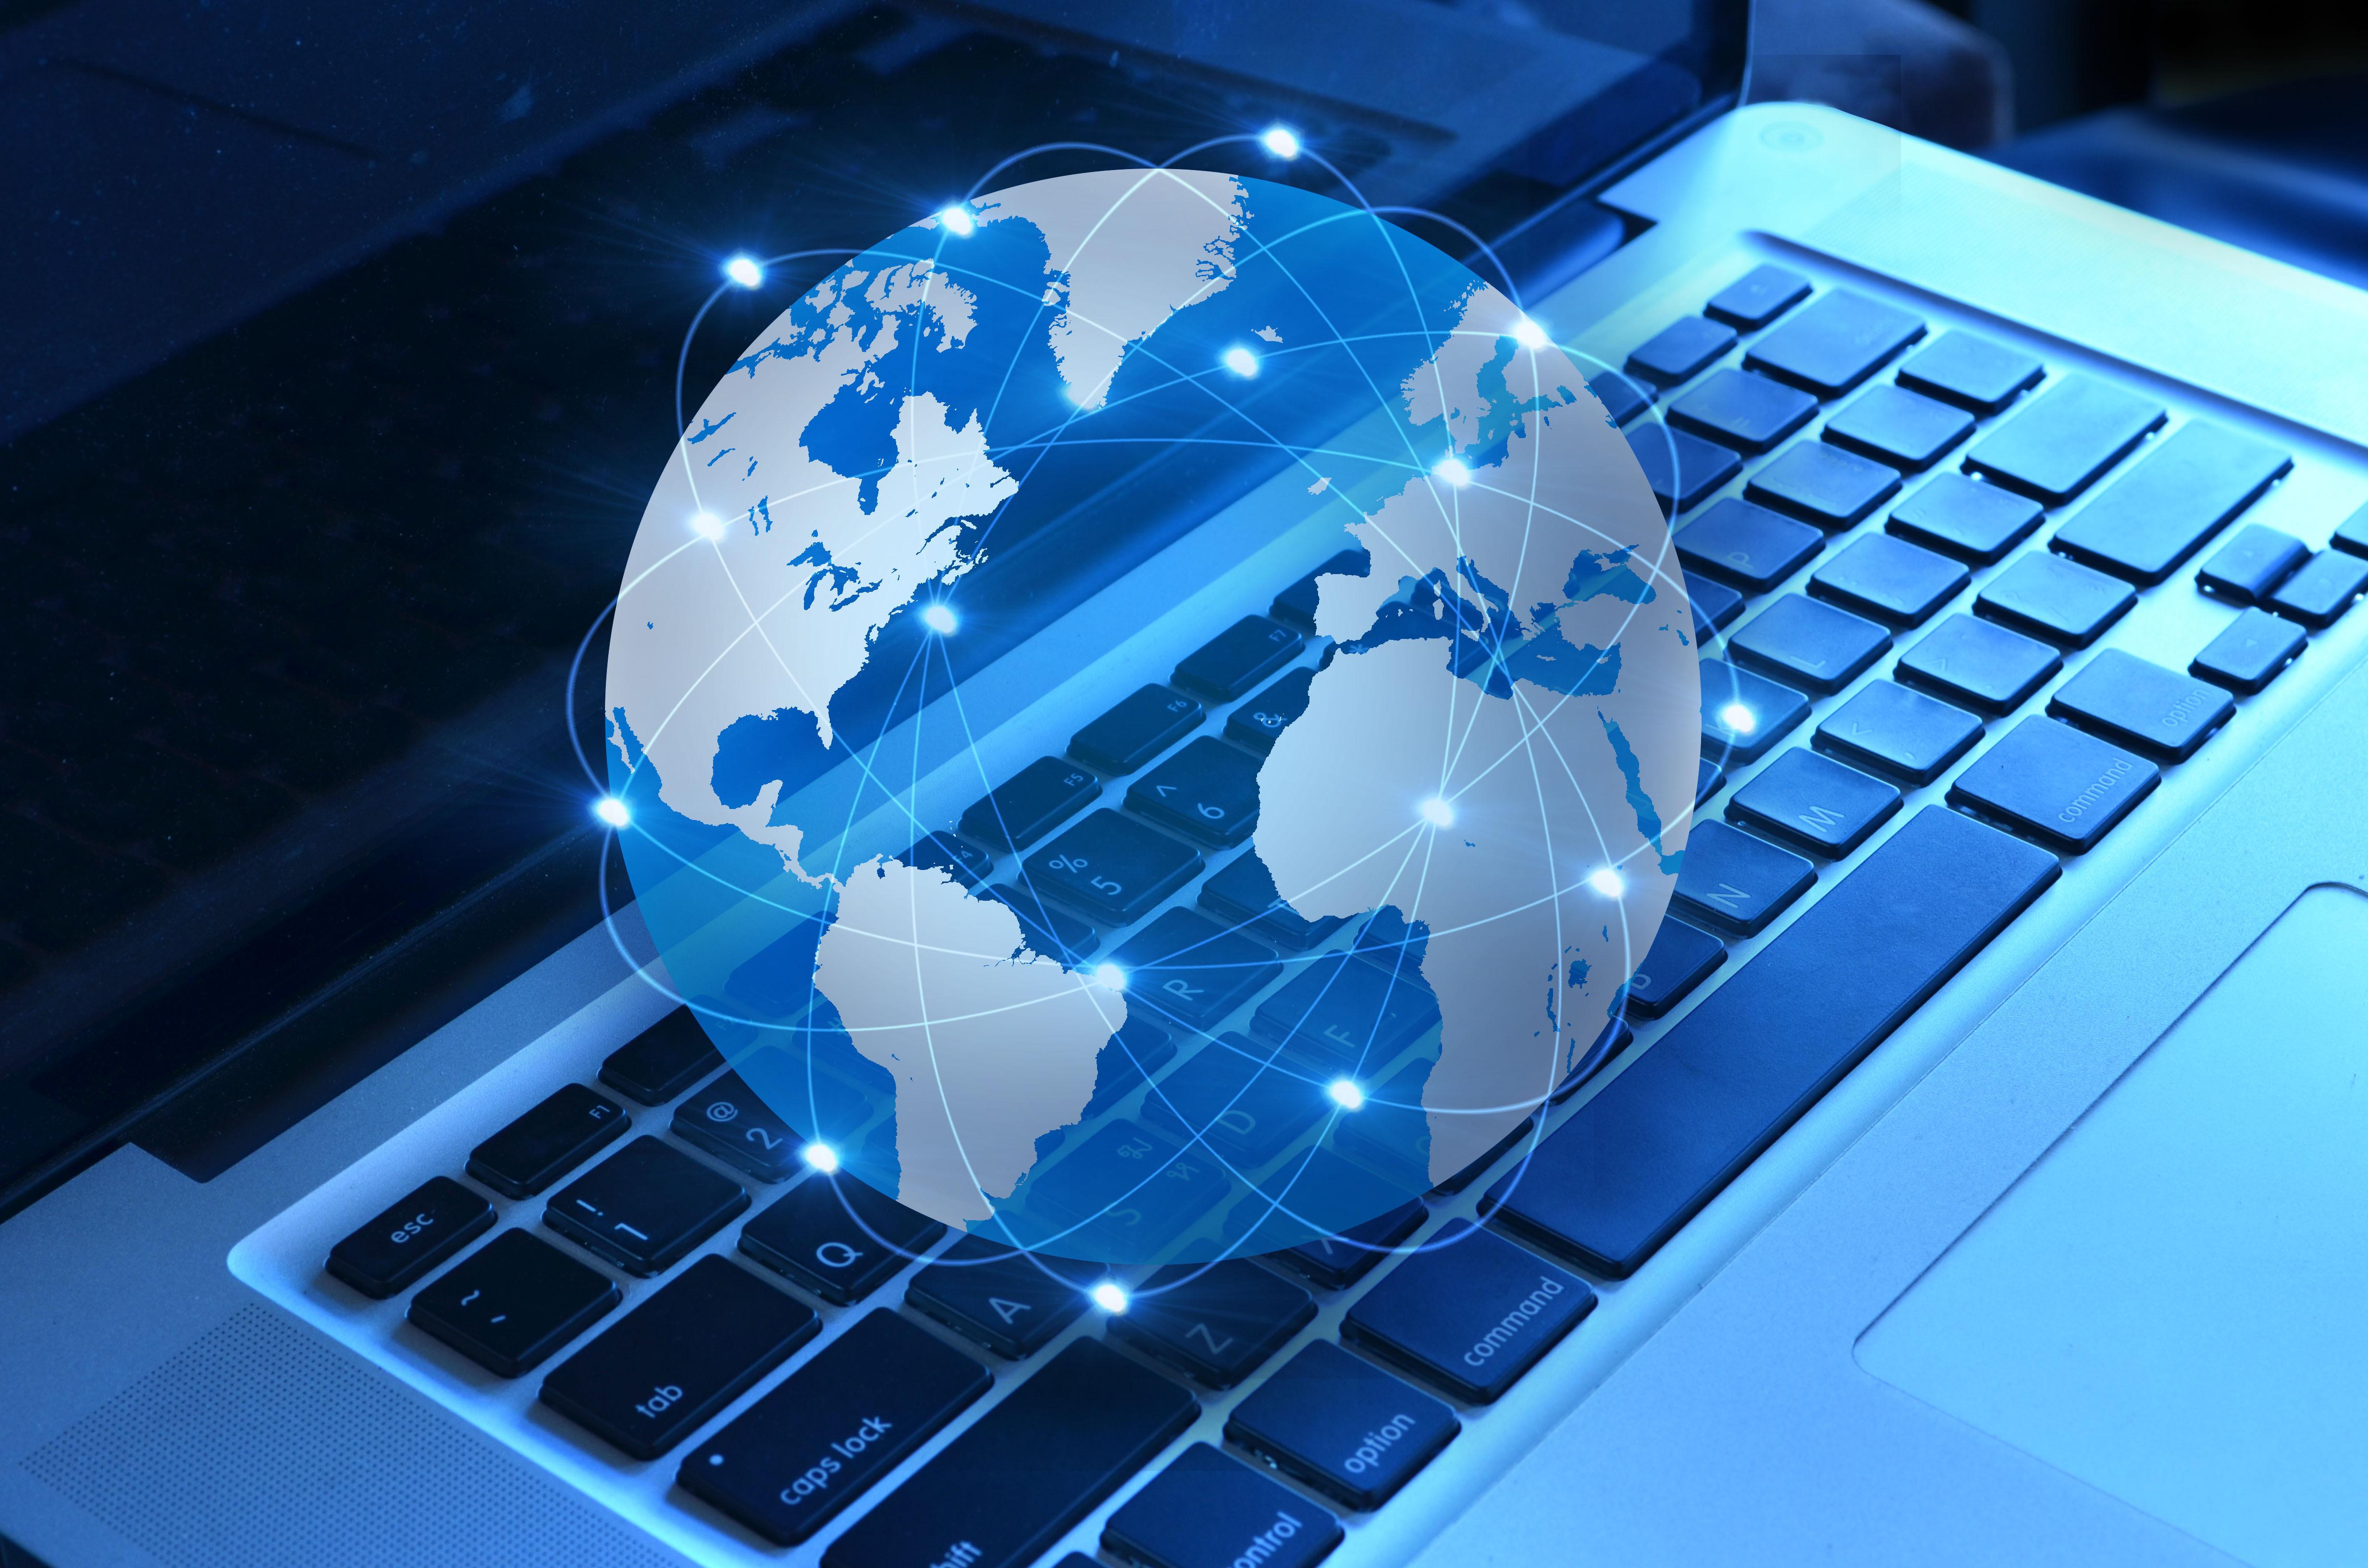 В Украине подорожает Интернет на 50%